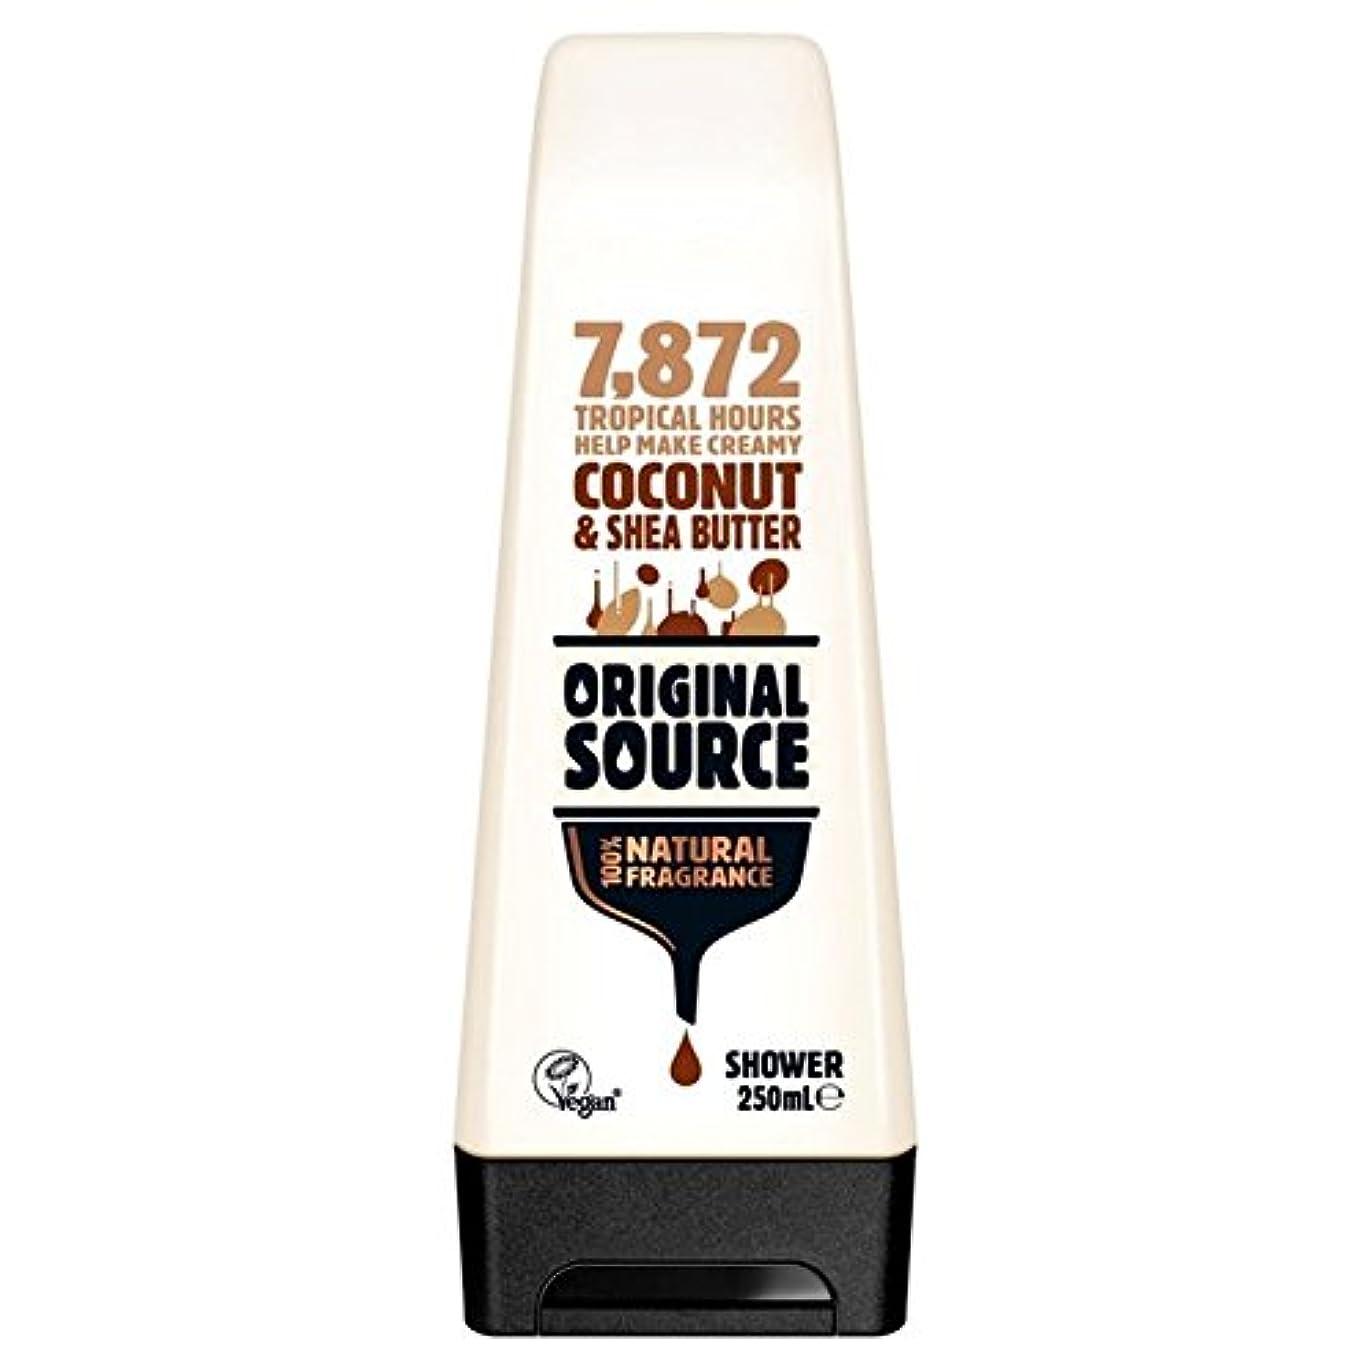 植生メッシュ遺跡Original Source Moisturising Coconut & Shea Butter Shower Gel 250ml - 元のソース保湿ココナッツ&シアバターシャワージェル250ミリリットル [並行輸入品]